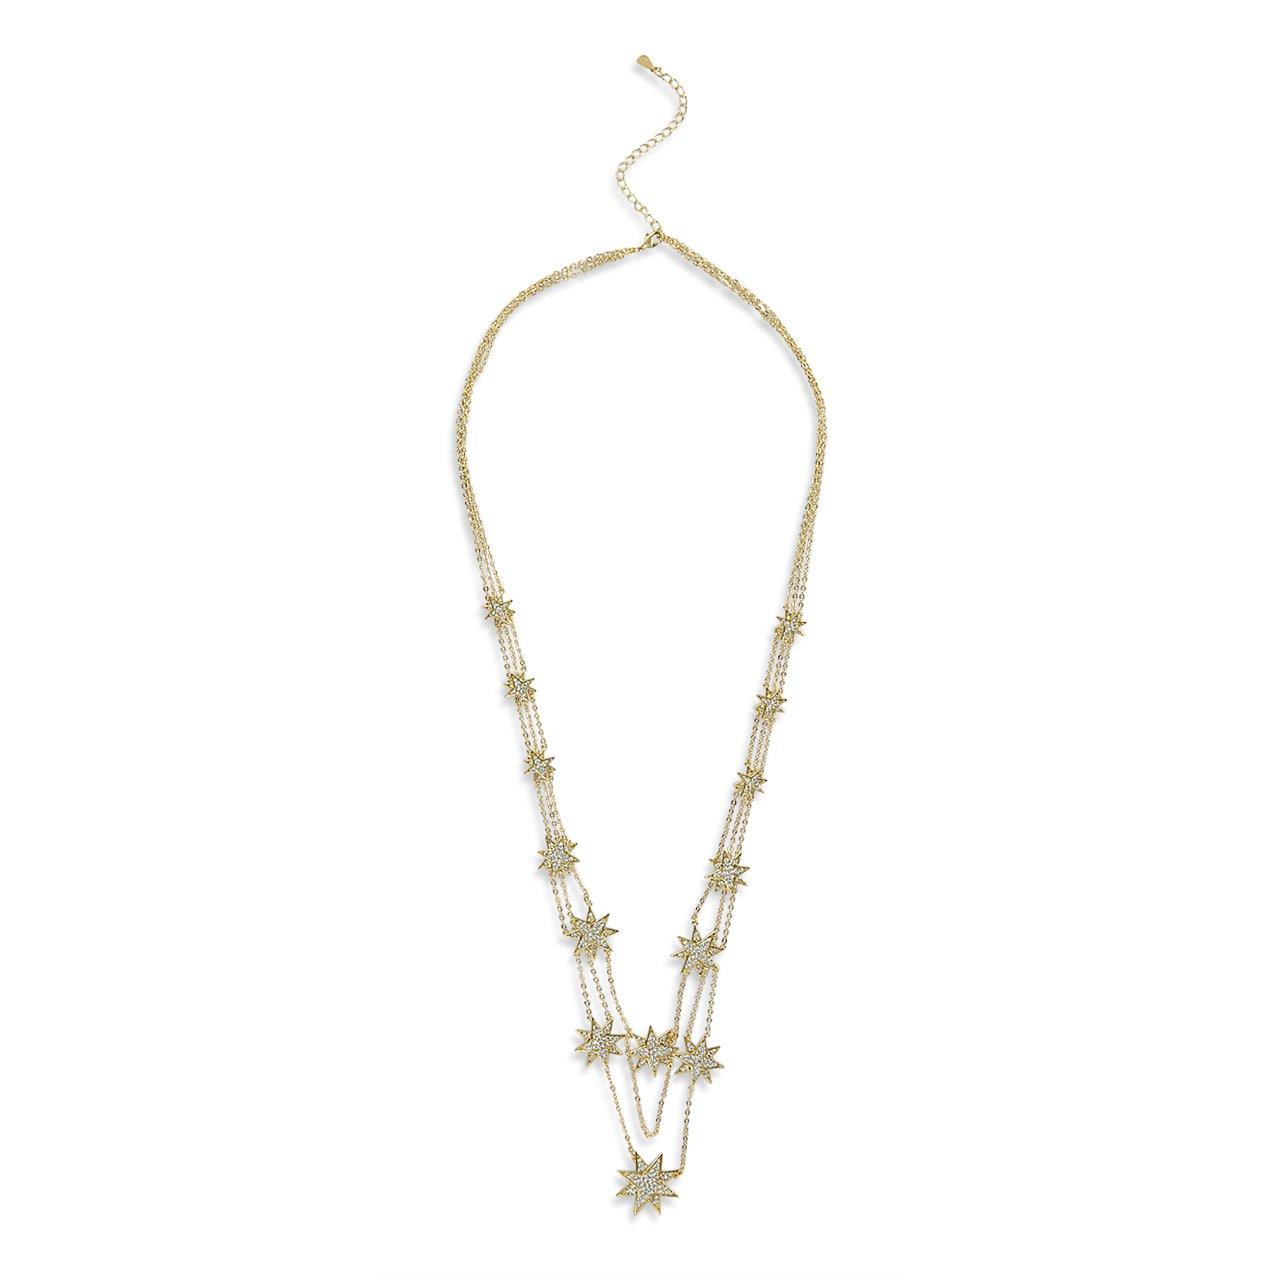 Necklace for Women Stylish Necklace for Girls Stylish shaze Carina Necklace